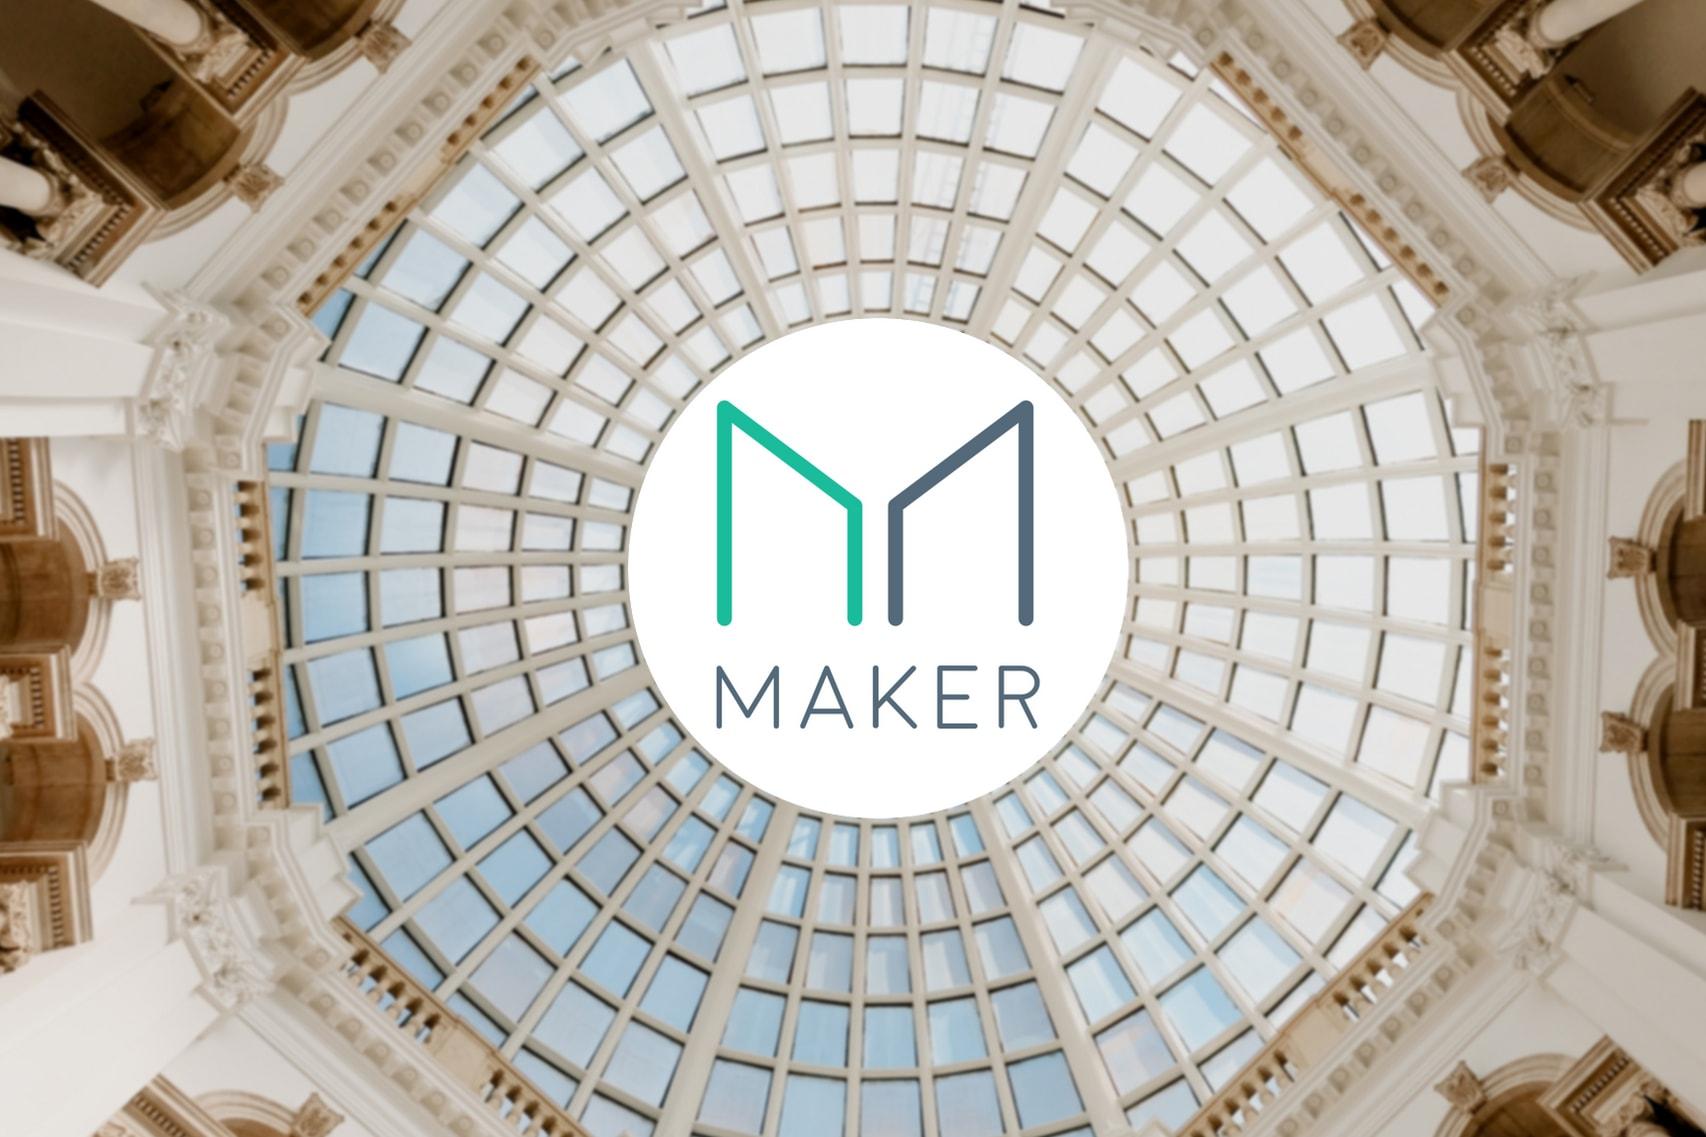 MakerDAO bỏ phiếu về việc có nên giảm phí ổn định DAI xuống 2%